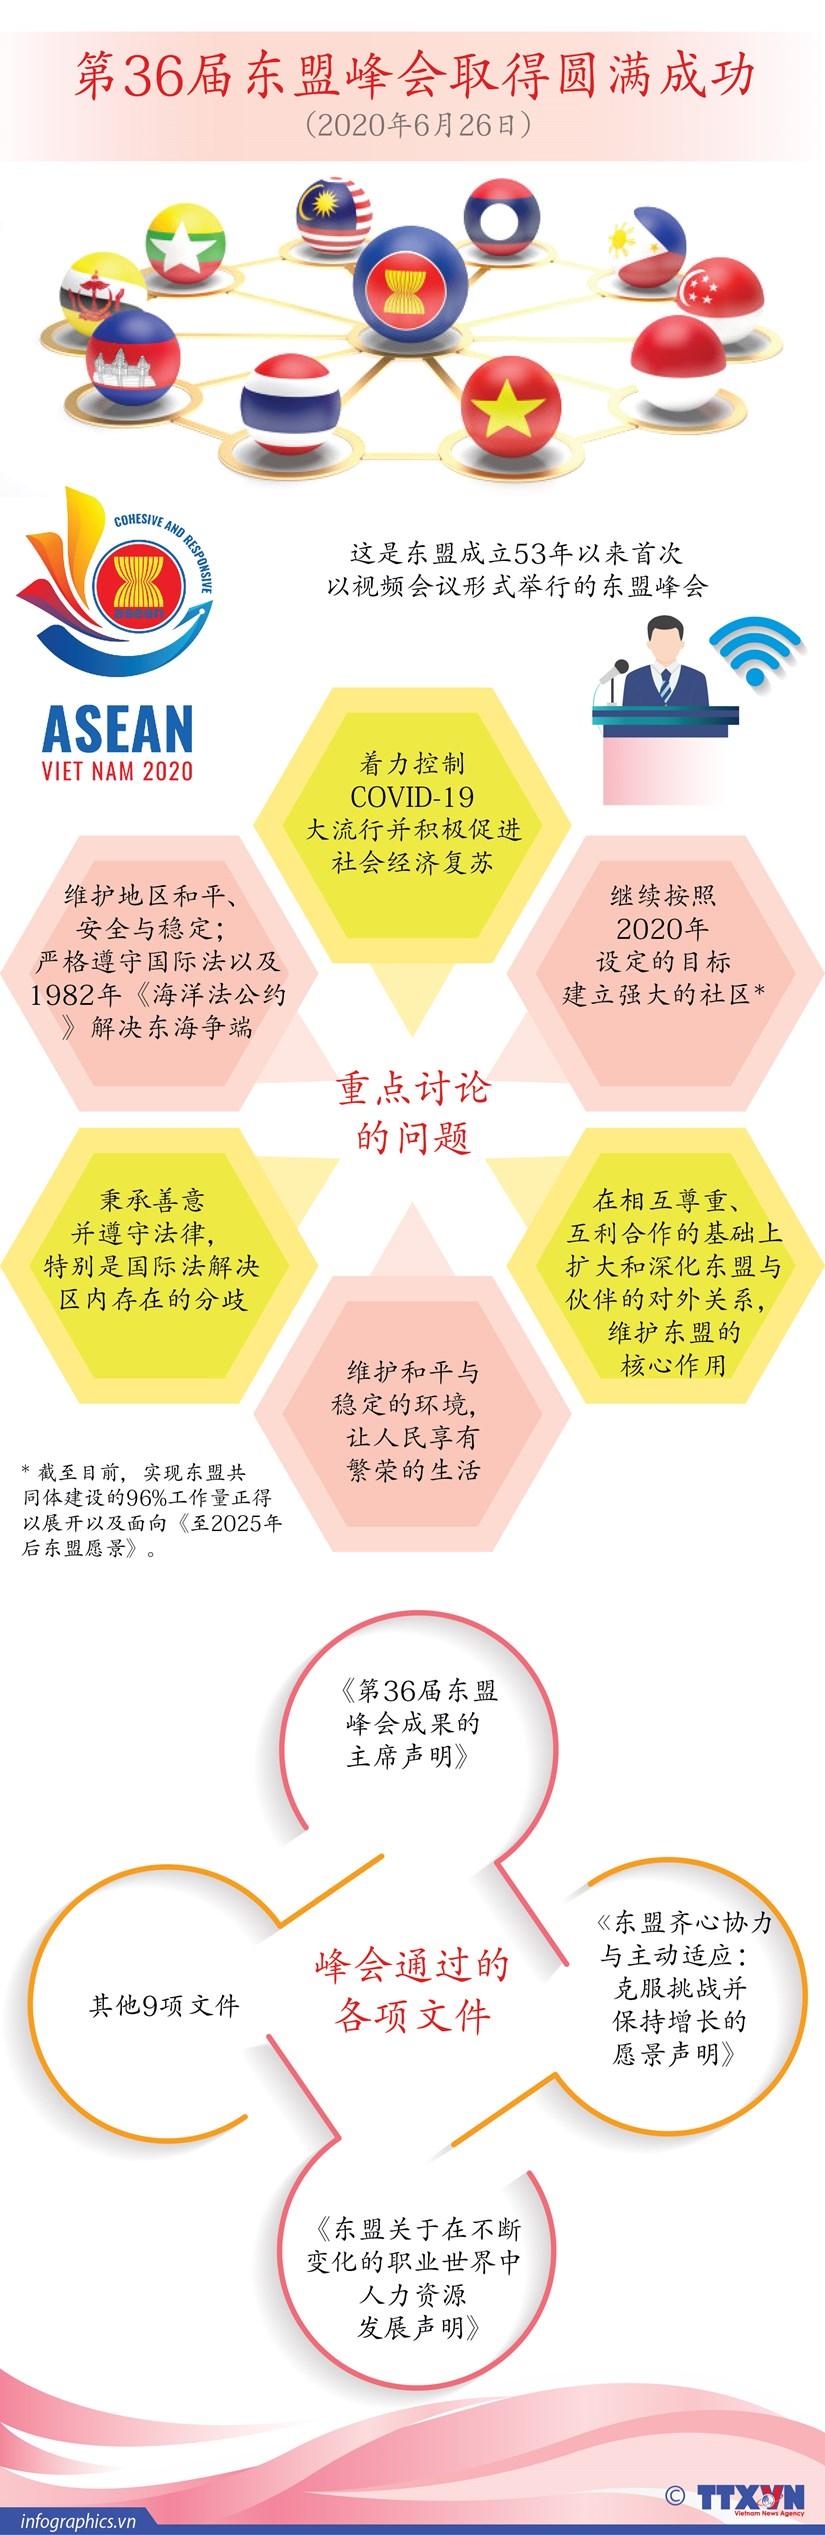 图表新闻:第36届东盟峰会取得圆满成功 hinh anh 1